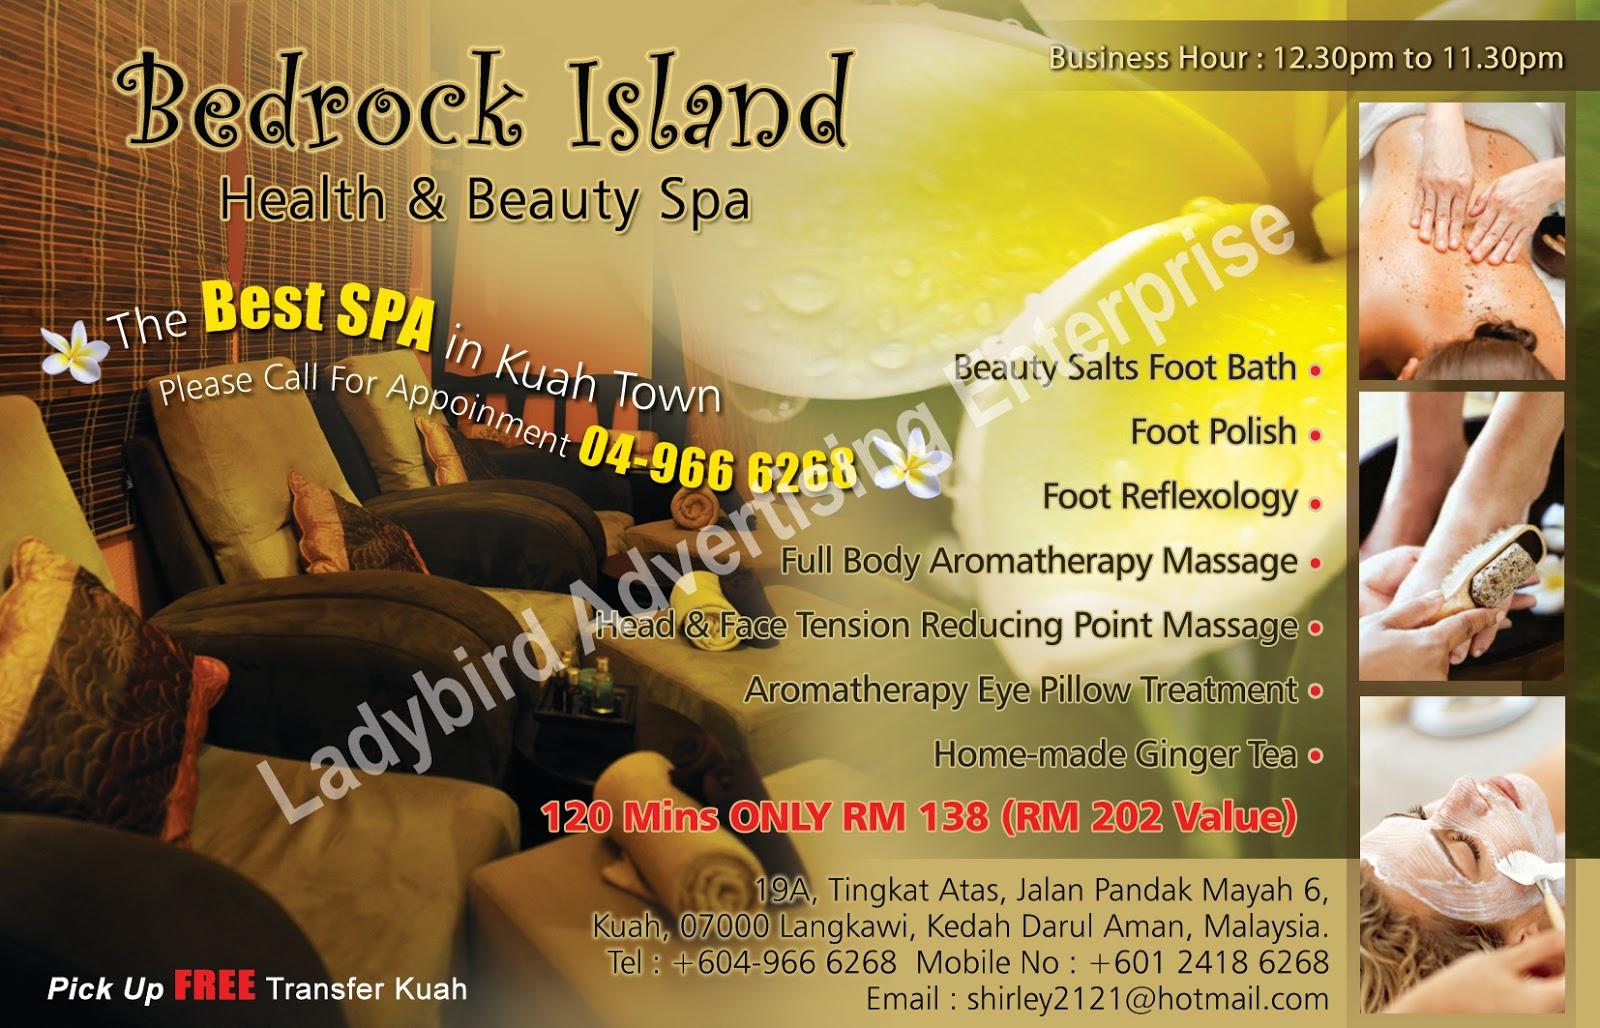 Bedrock Island Spa Langkawi